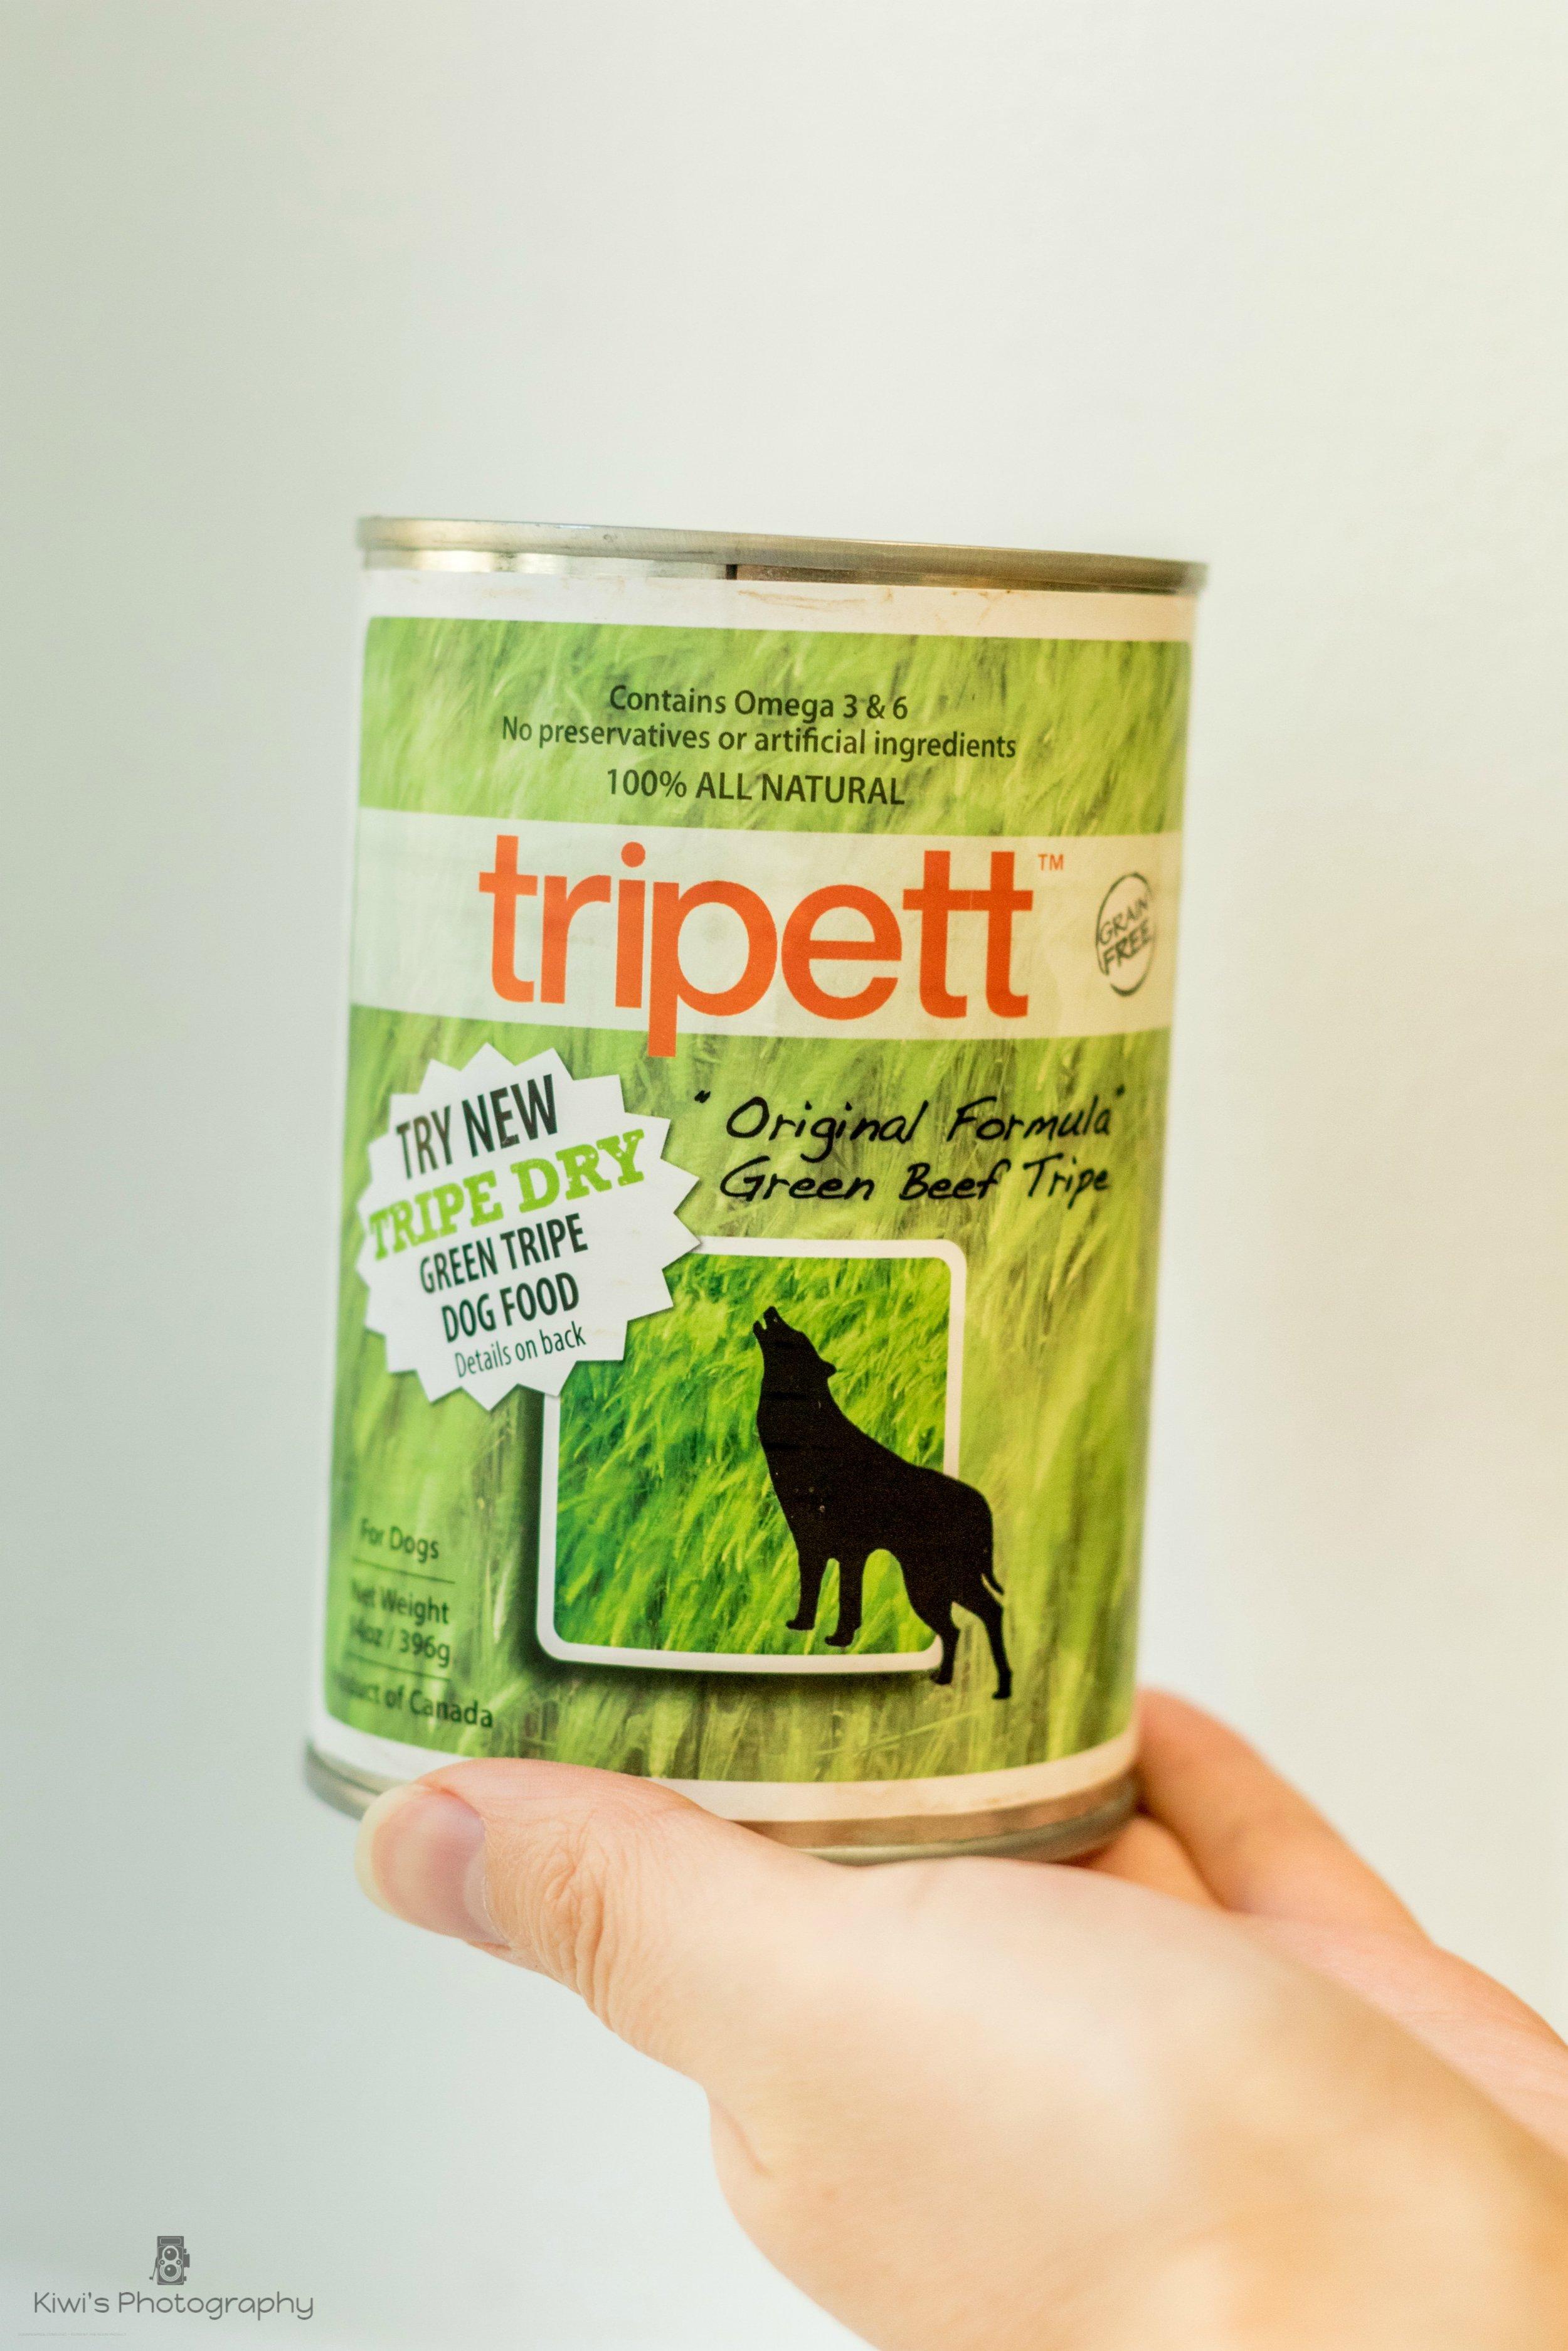 Tripett Canned Green Beef Tripe